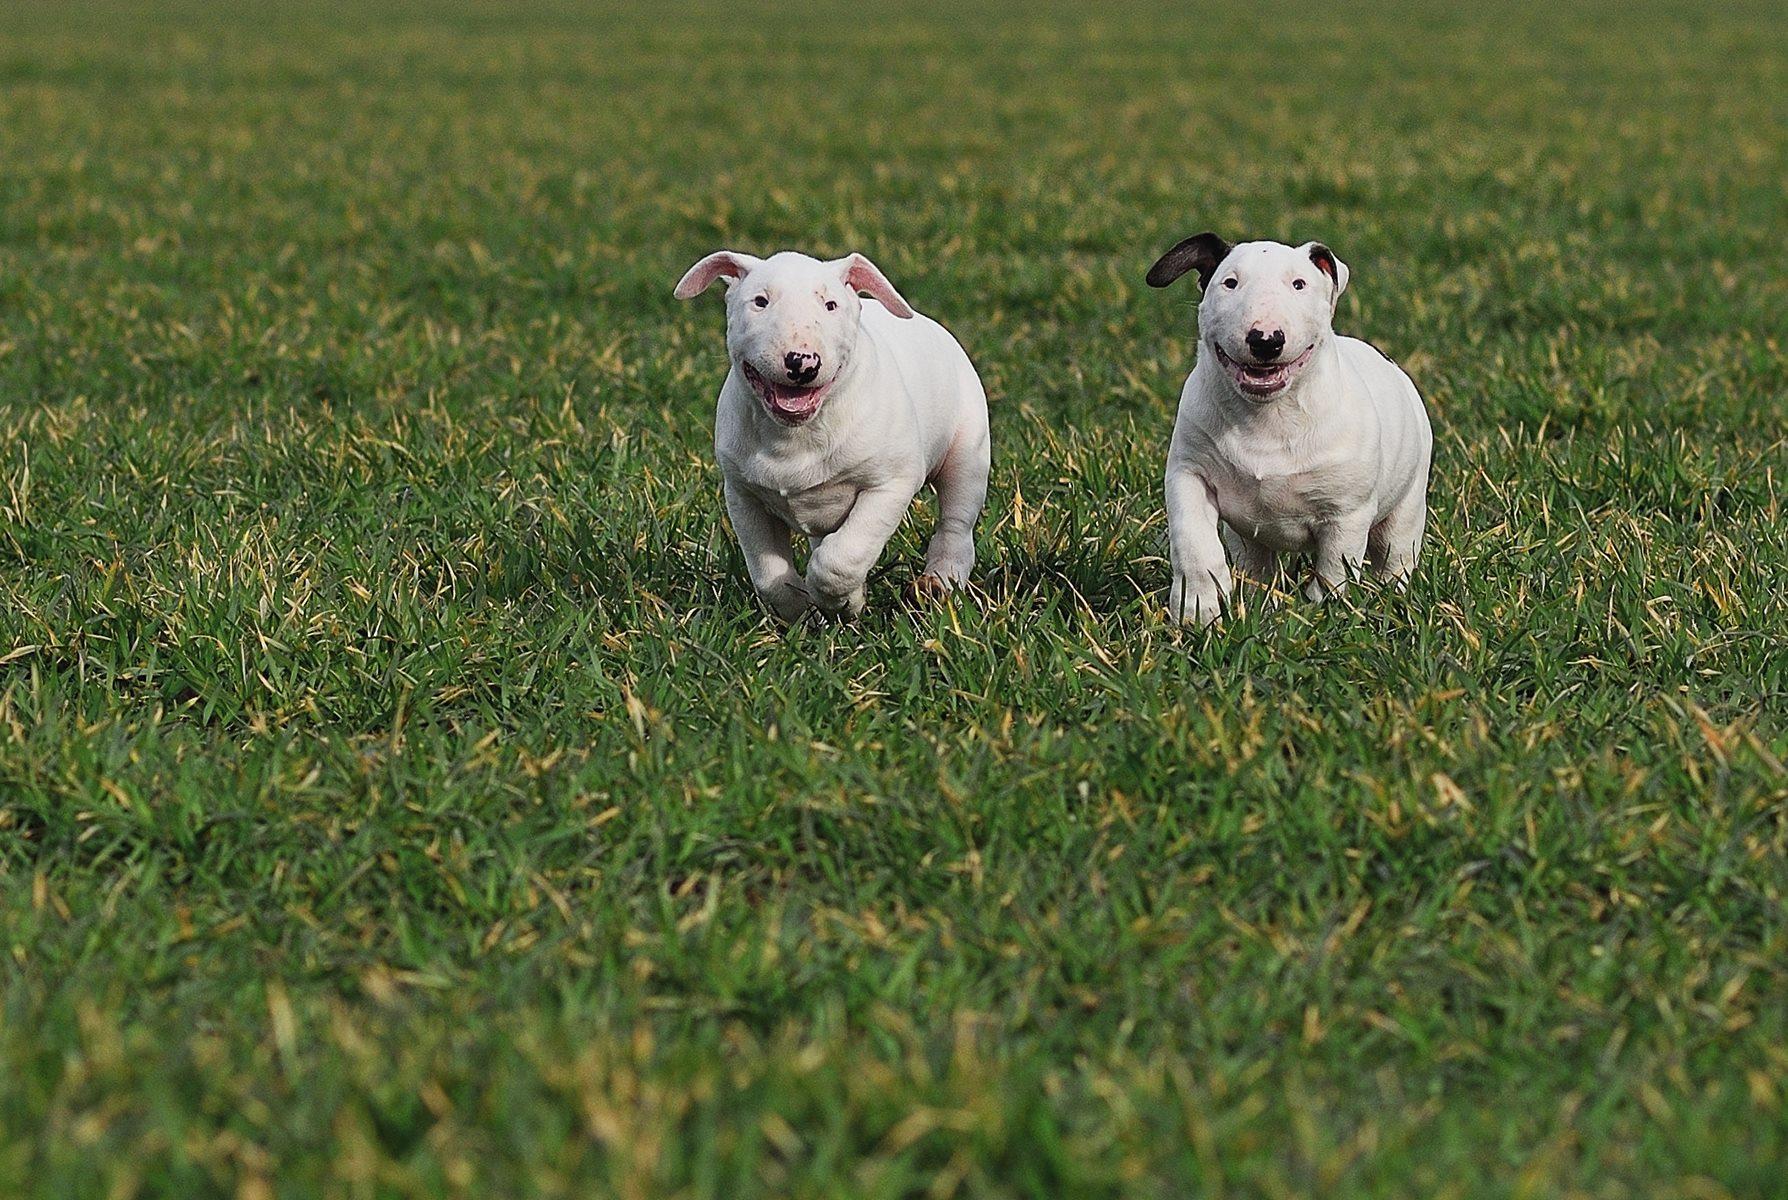 ТОП 10 самых популярных пород собак в США